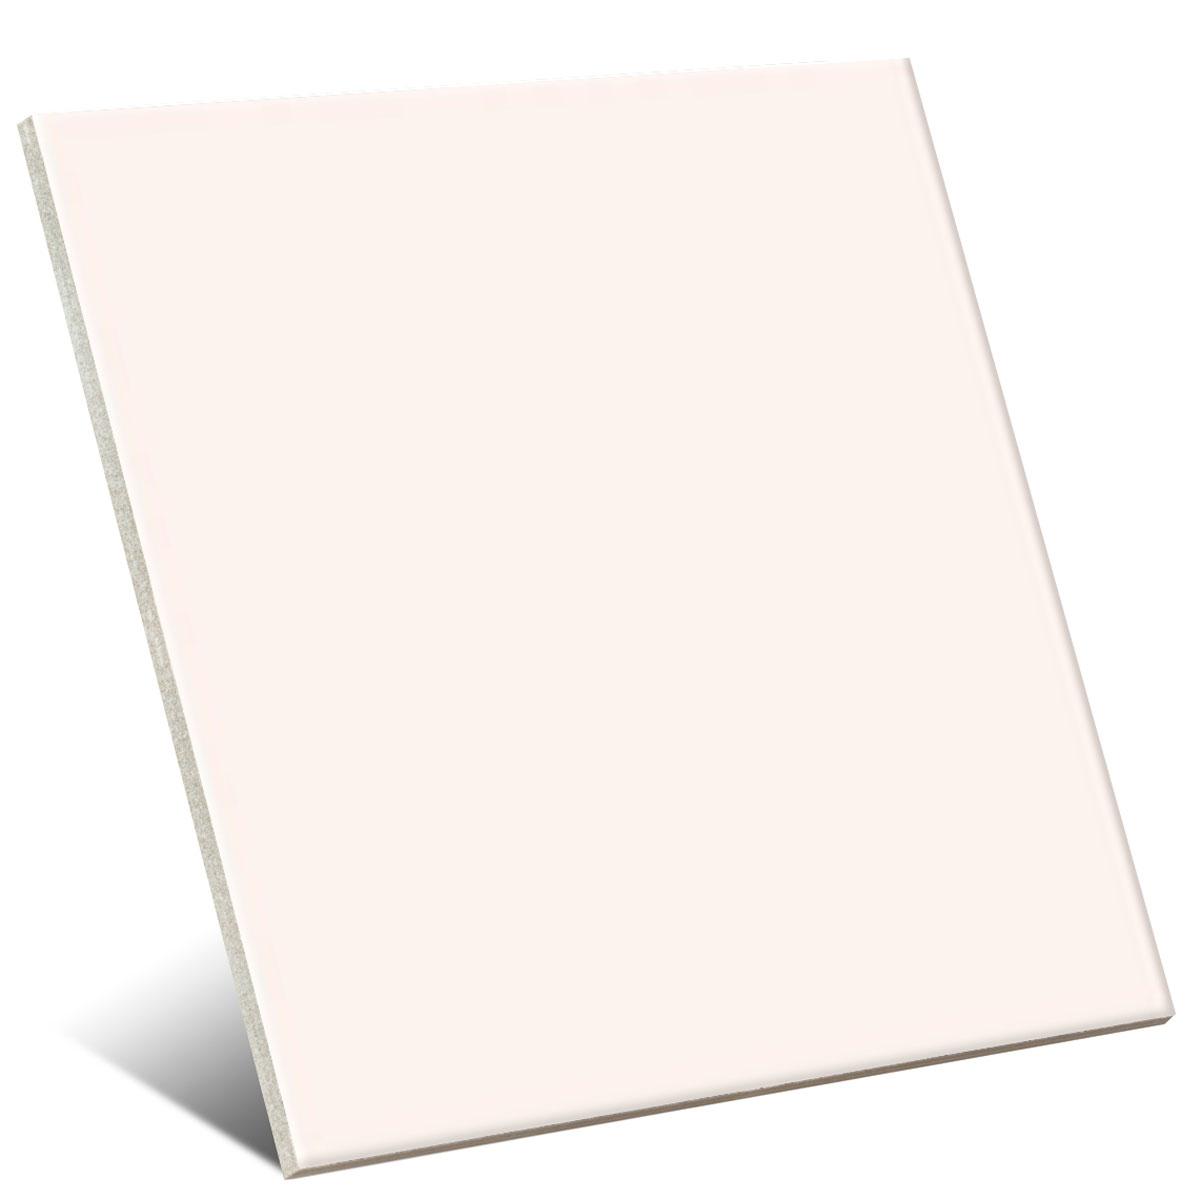 Color Blanco Brillo 20x20 cm (caja 1 m2)